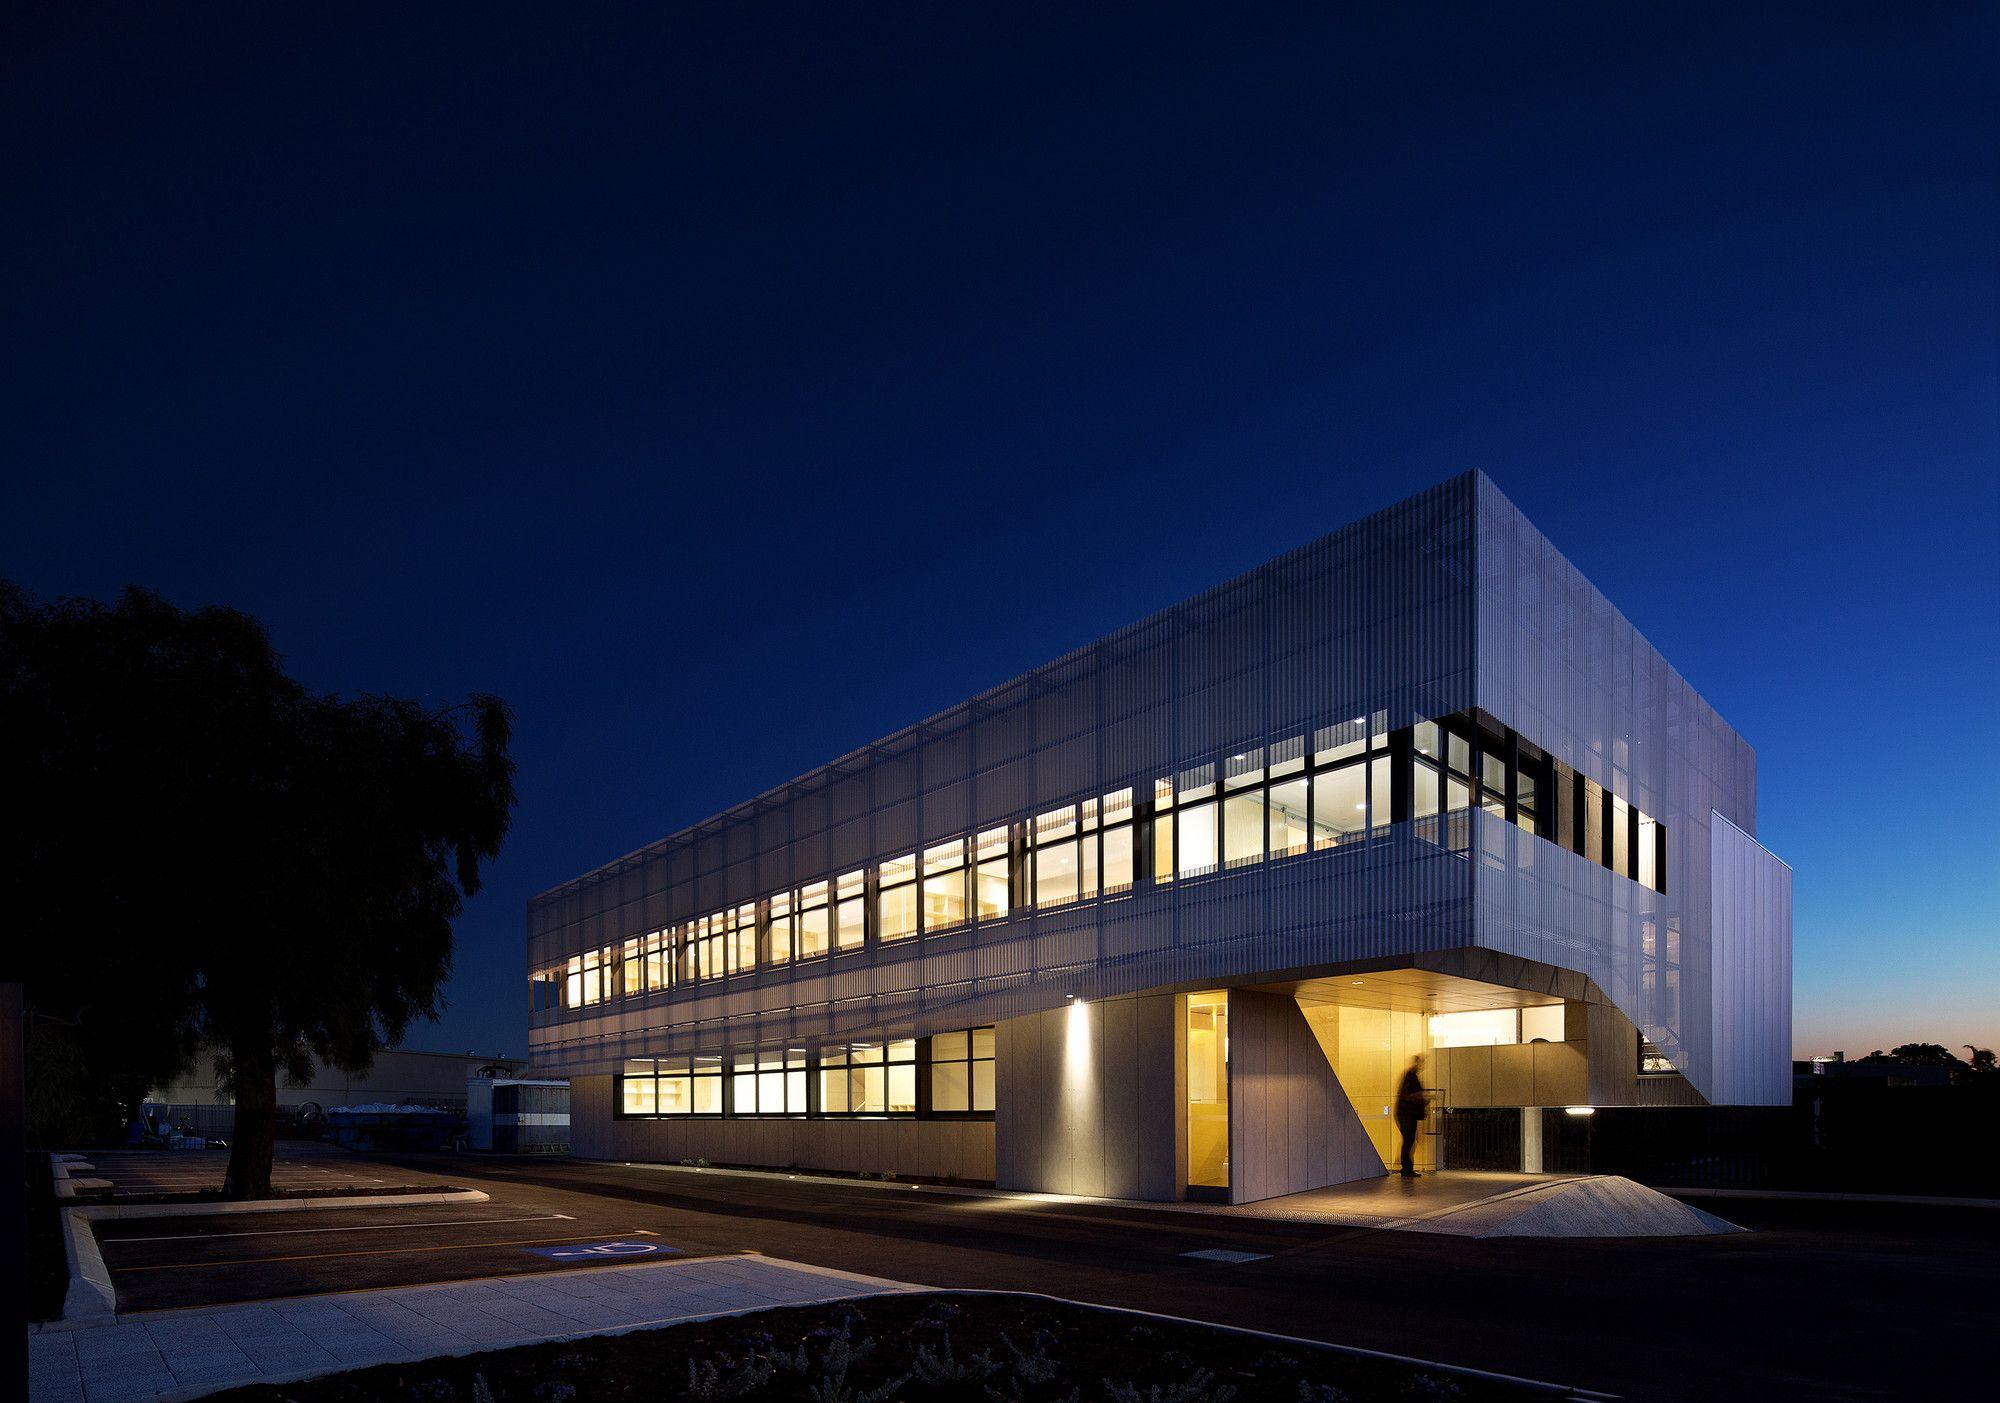 Galería de Edificio de Oficinas Sanwell / Braham Architects - 10